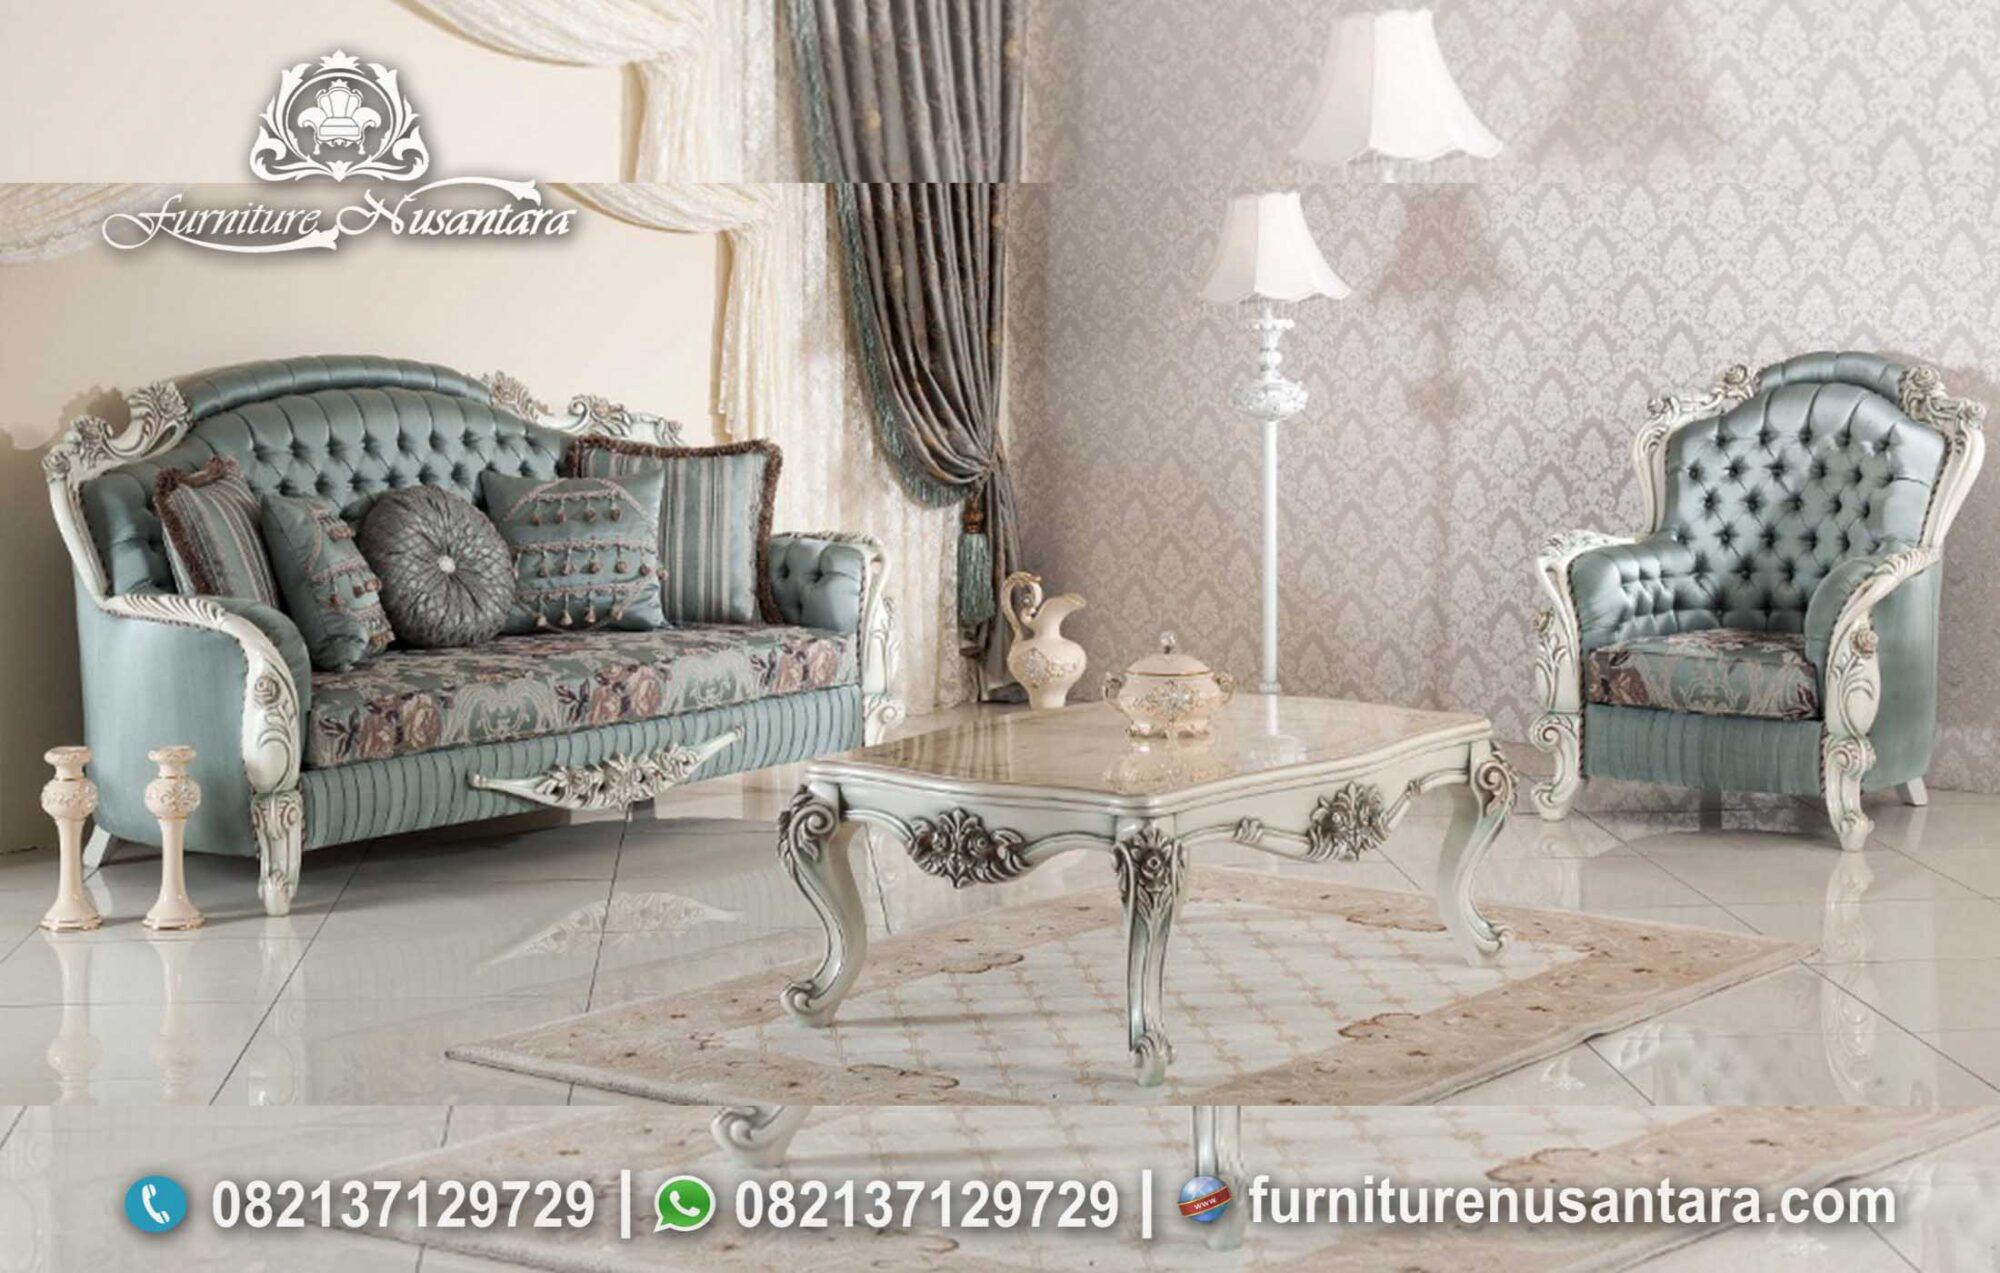 Desain Sofa Terbaru Ruang Tamu ST-52, Furniture Nusantara